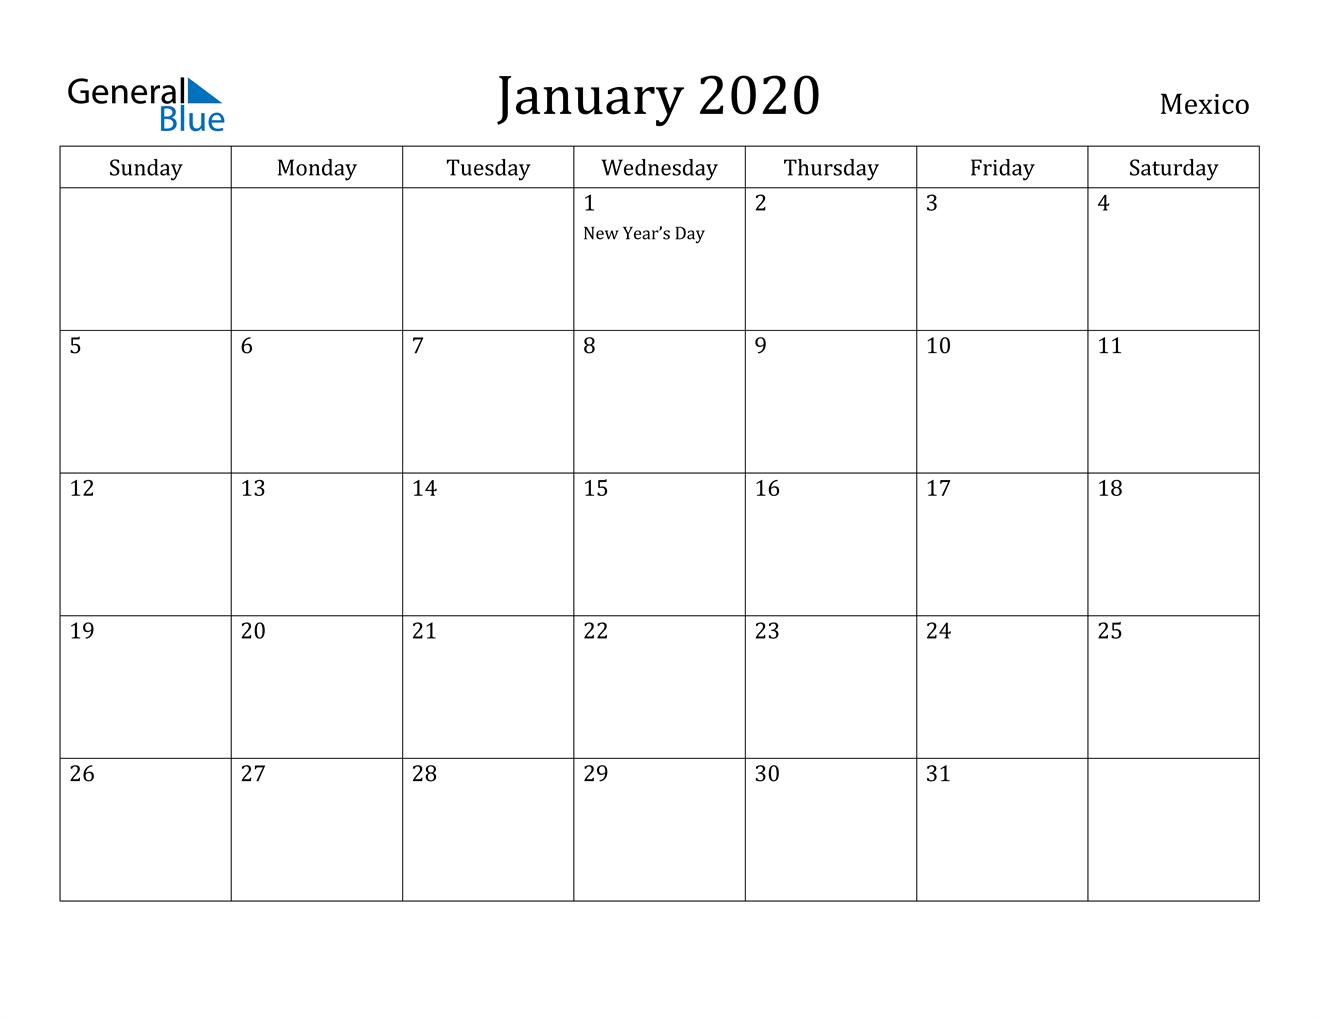 Image of January 2020 Mexico Calendar with Holidays Calendar